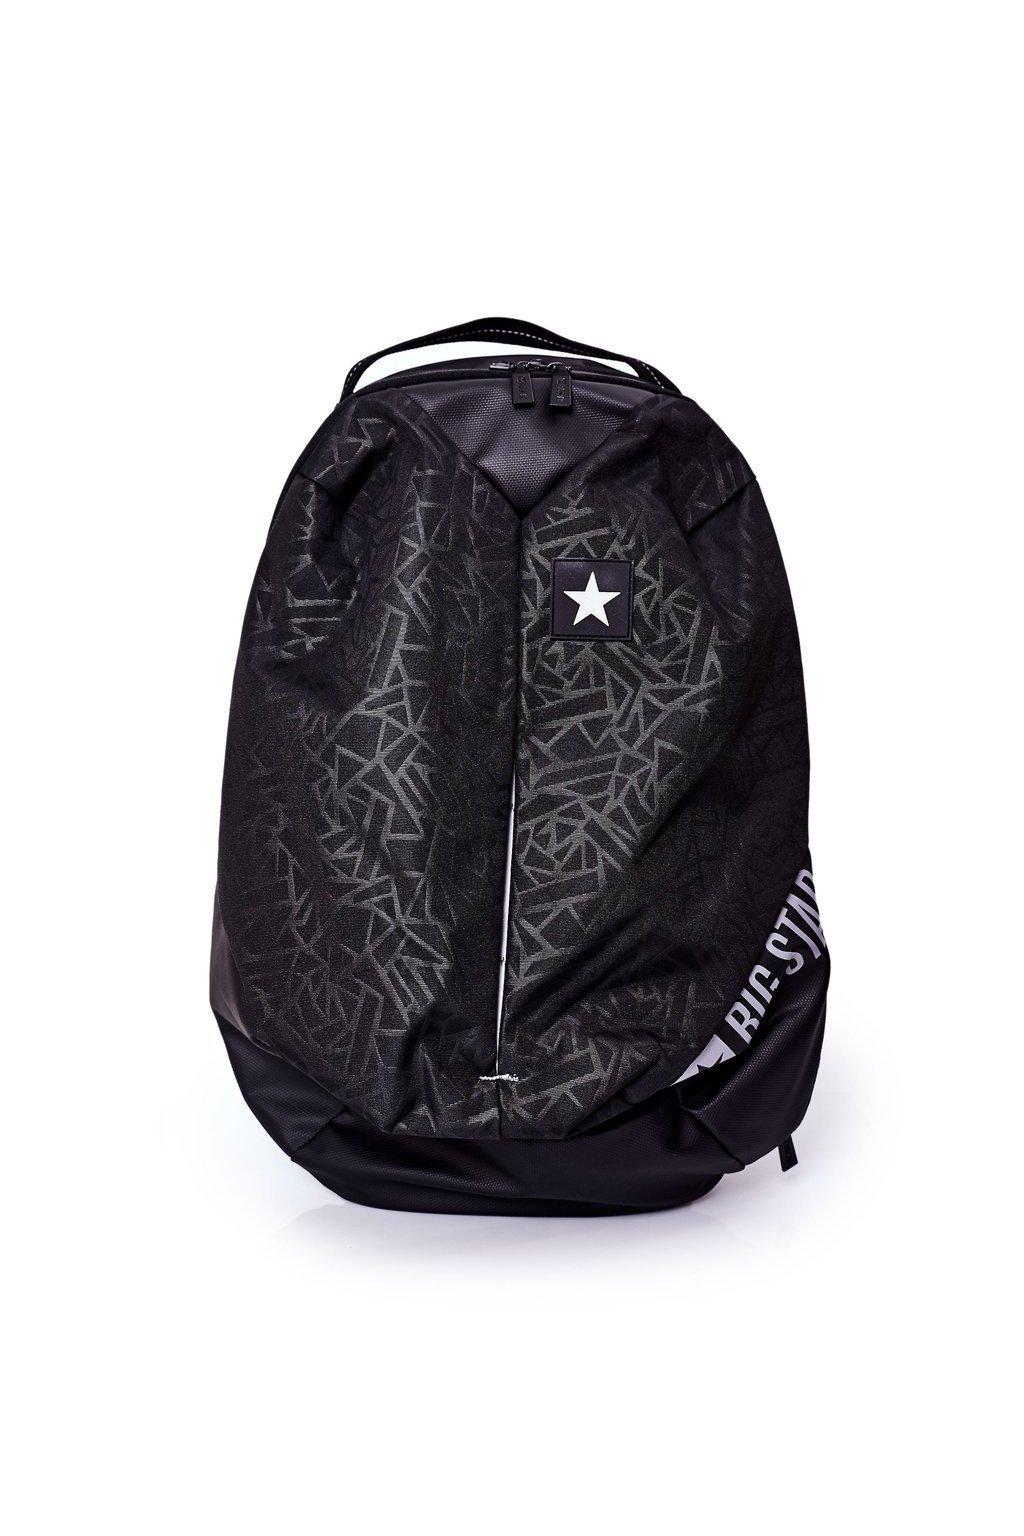 Čierny batoh BS HH574186 BLK